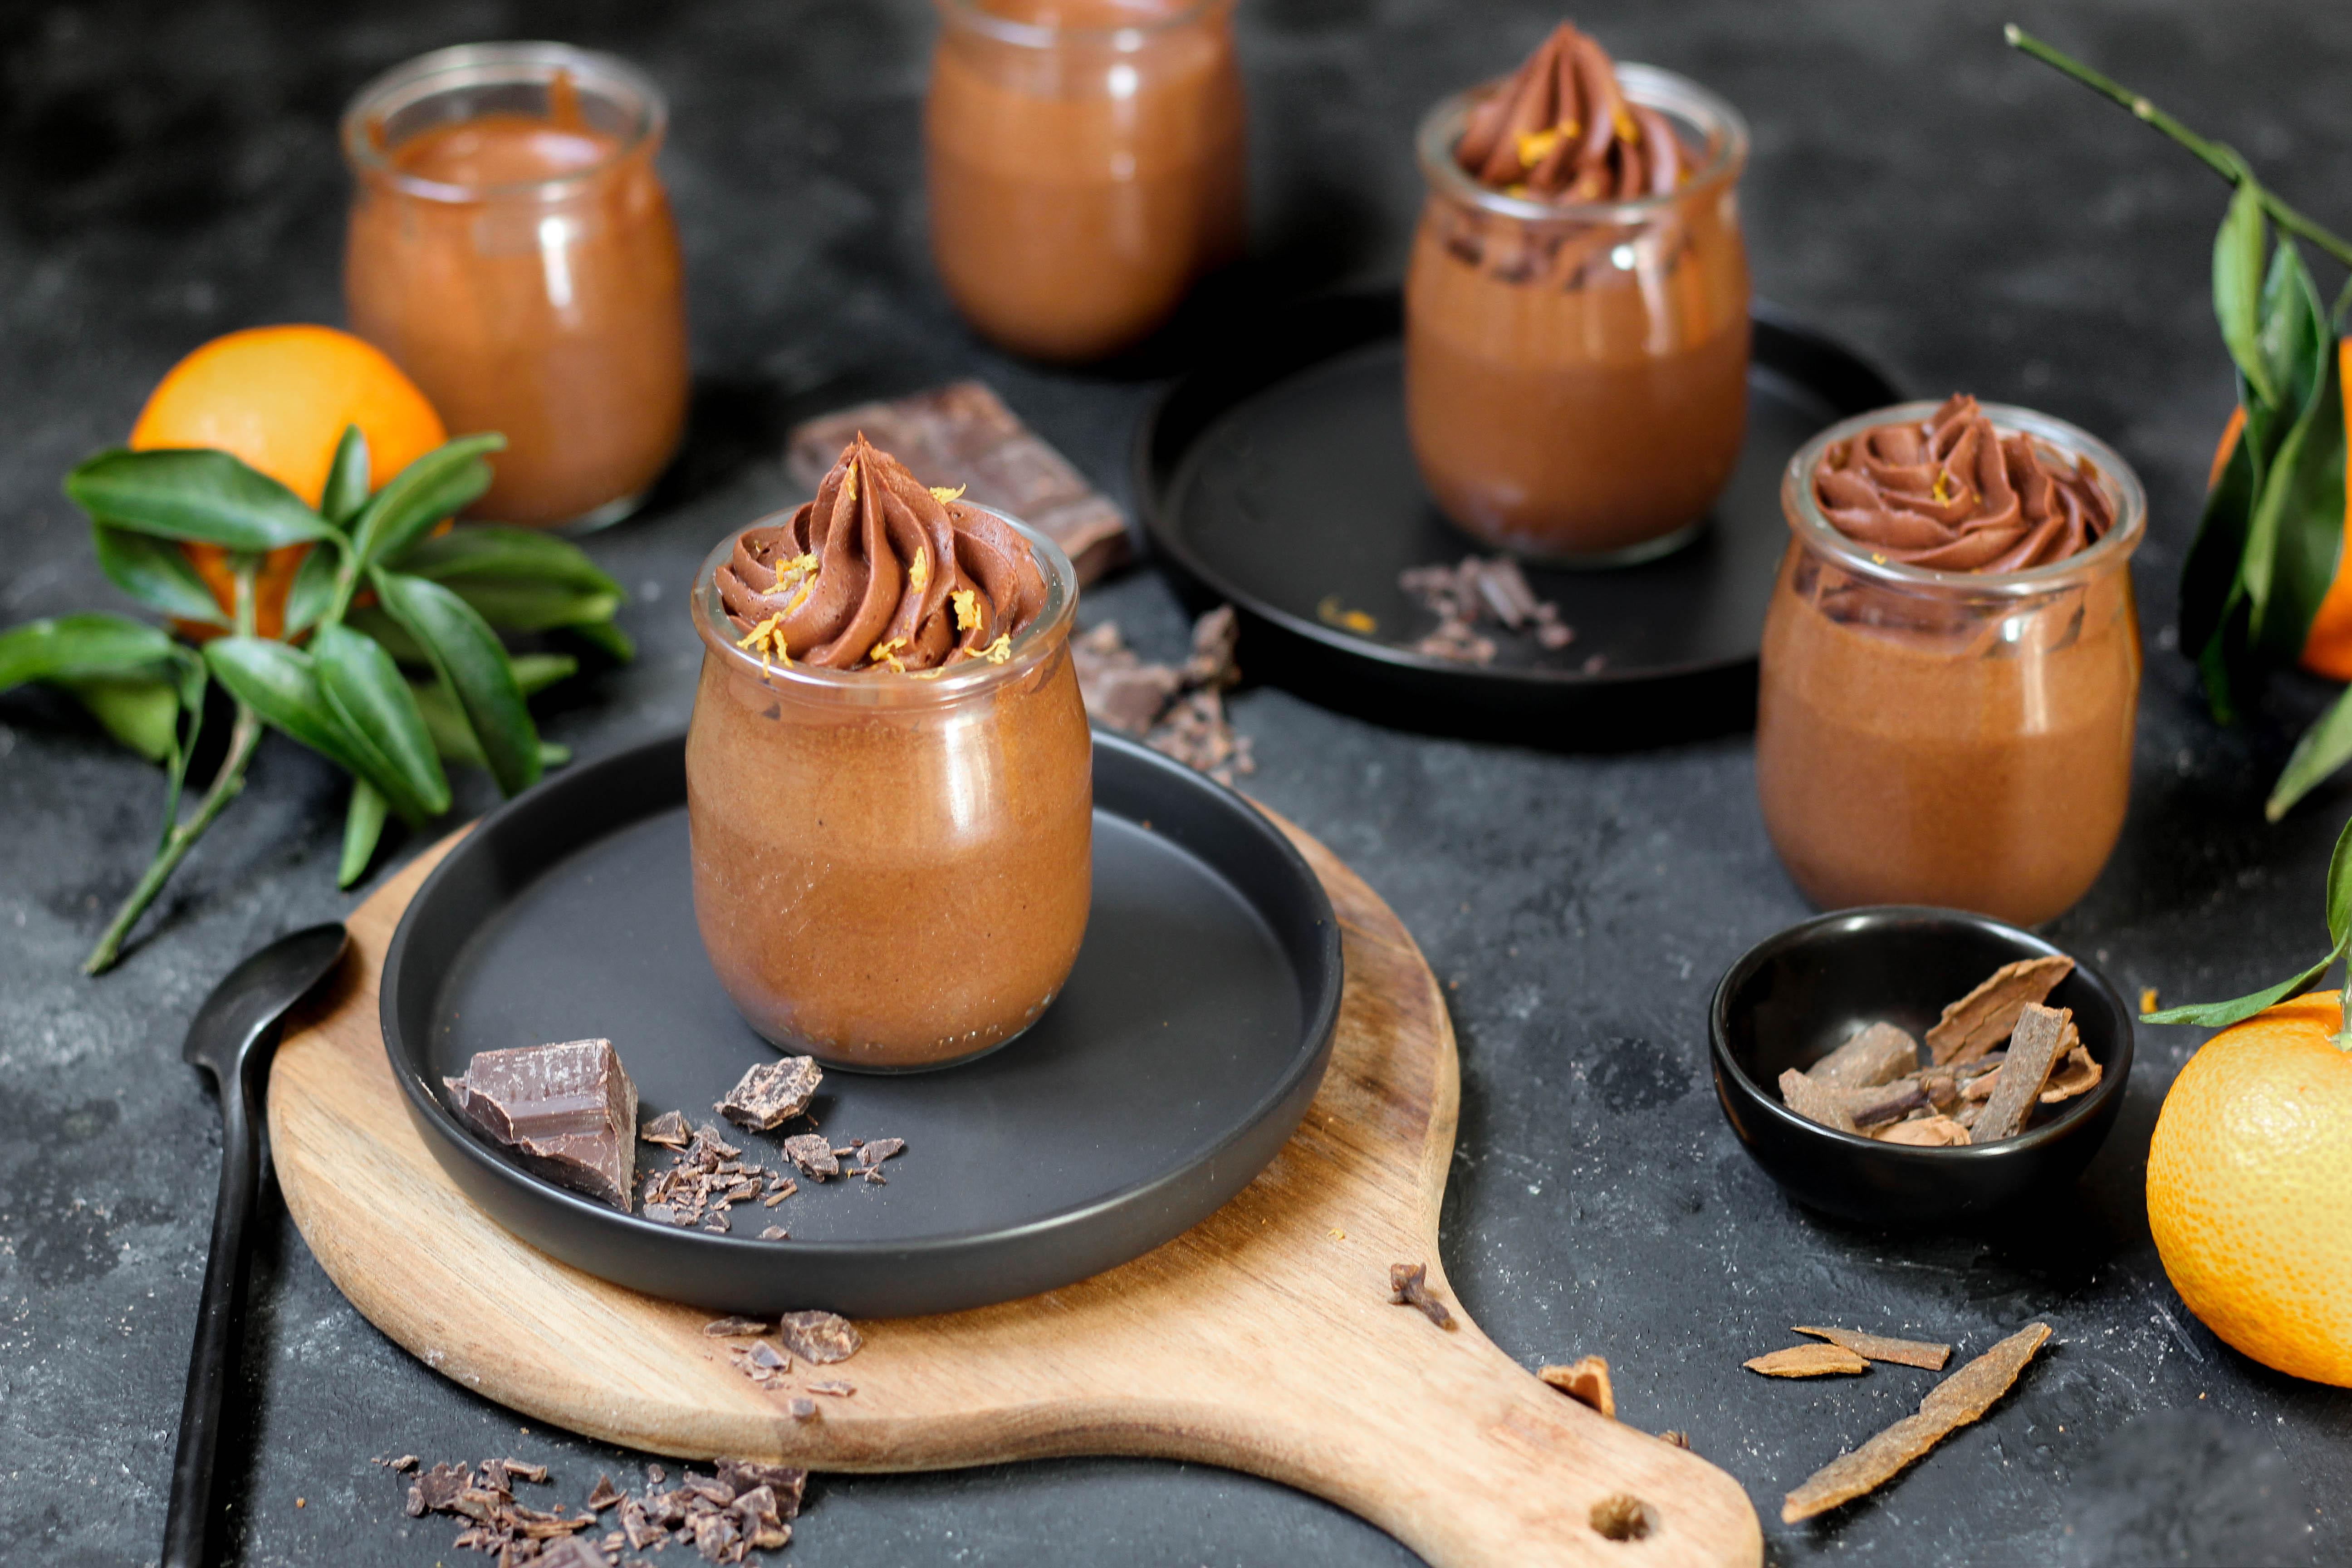 Mousses au chocolat aux épices - photography